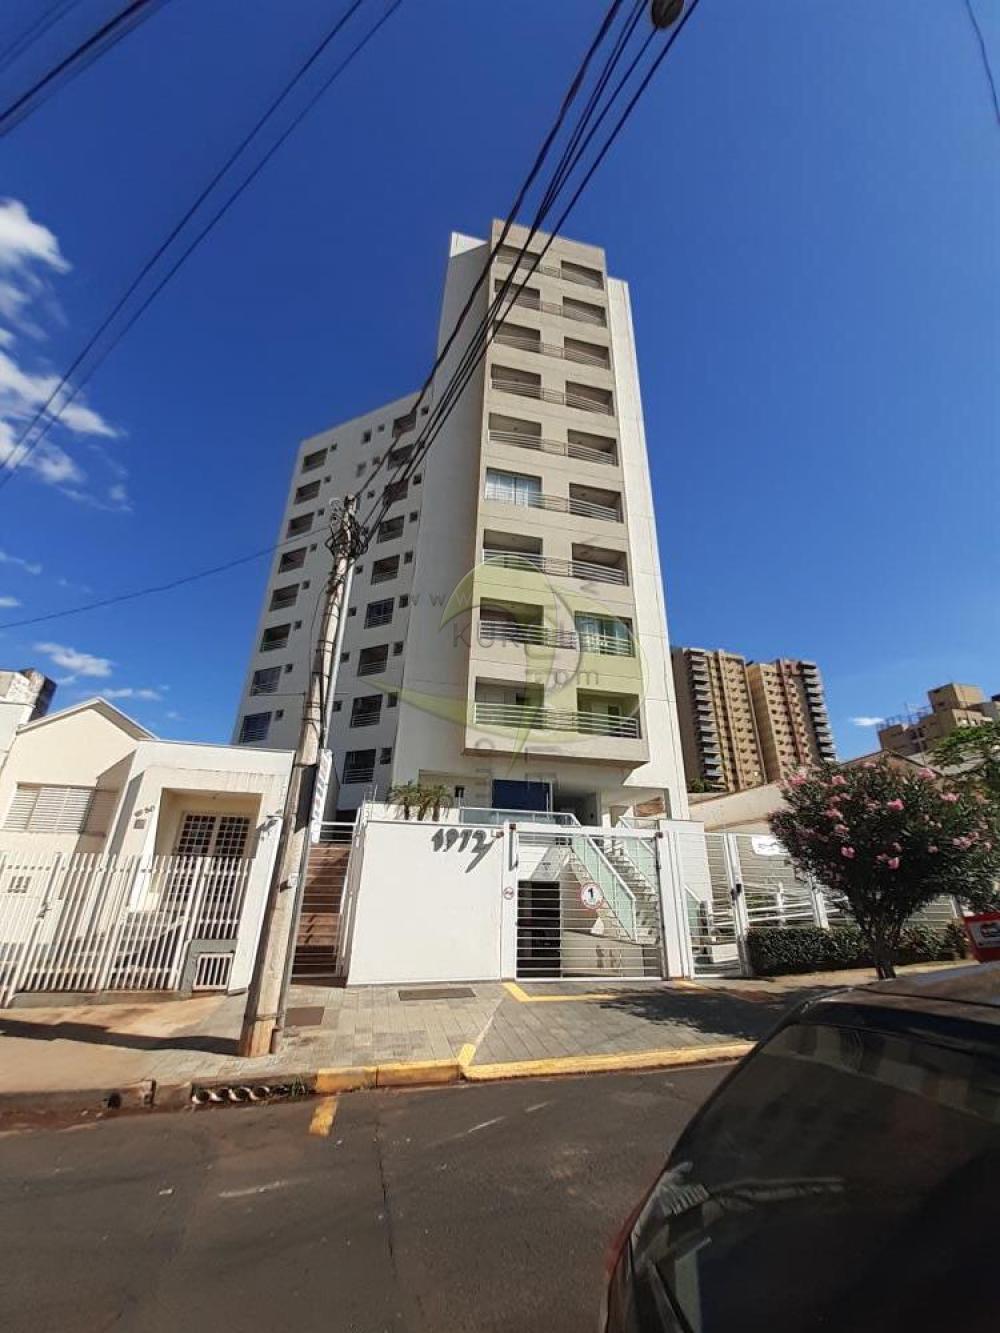 alt='Alugar Apartamento / Cobertura em Ribeirão Preto R$ 11,00 - Foto 32' title='Alugar Apartamento / Cobertura em Ribeirão Preto R$ 11,00 - Foto 32'